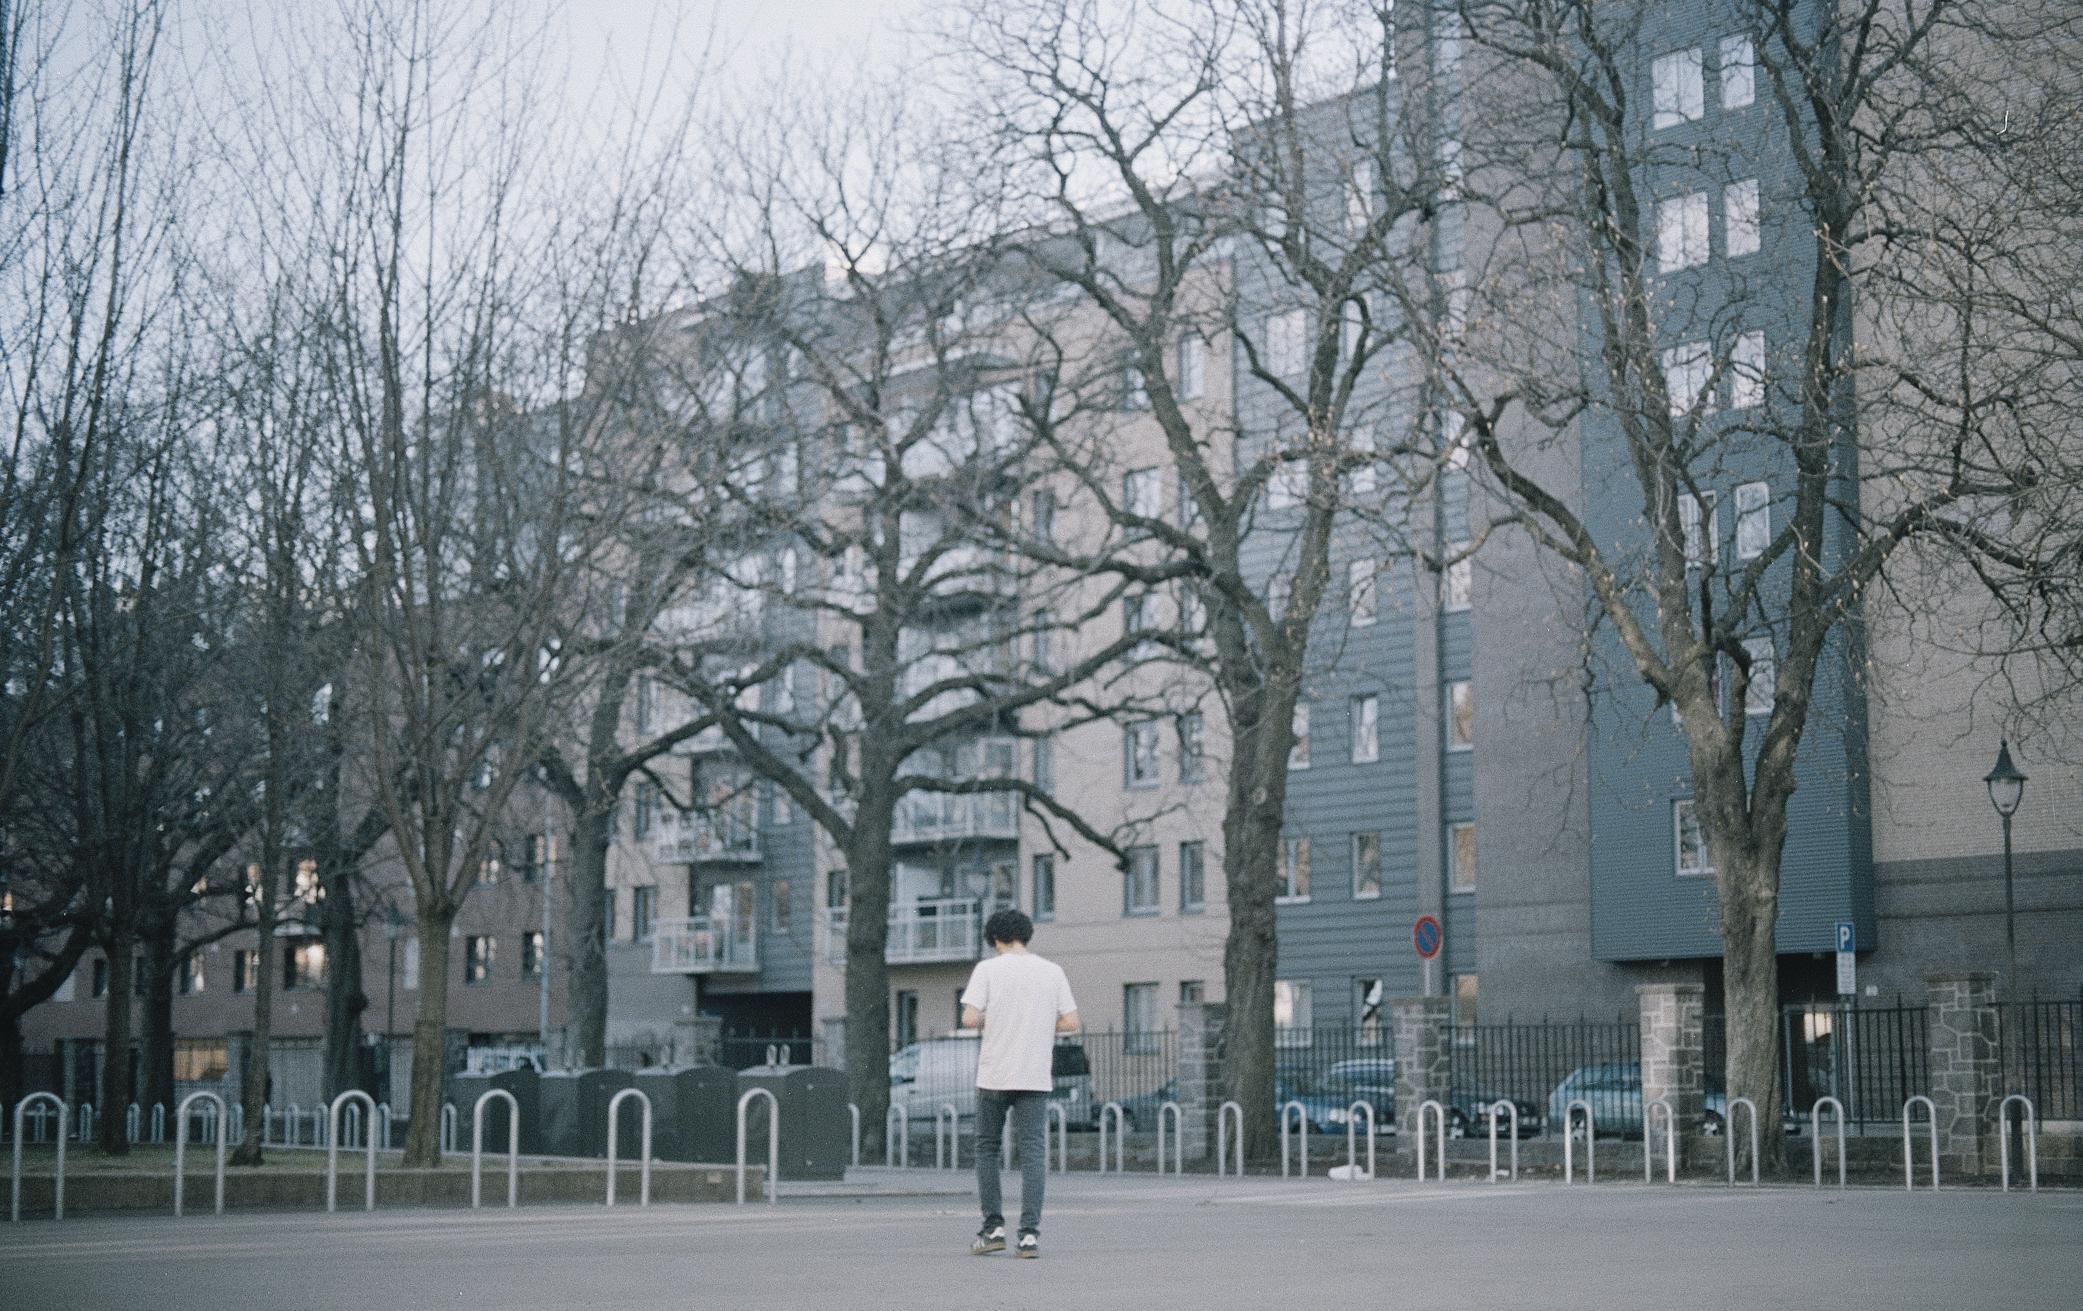 Skaters-23.jpg